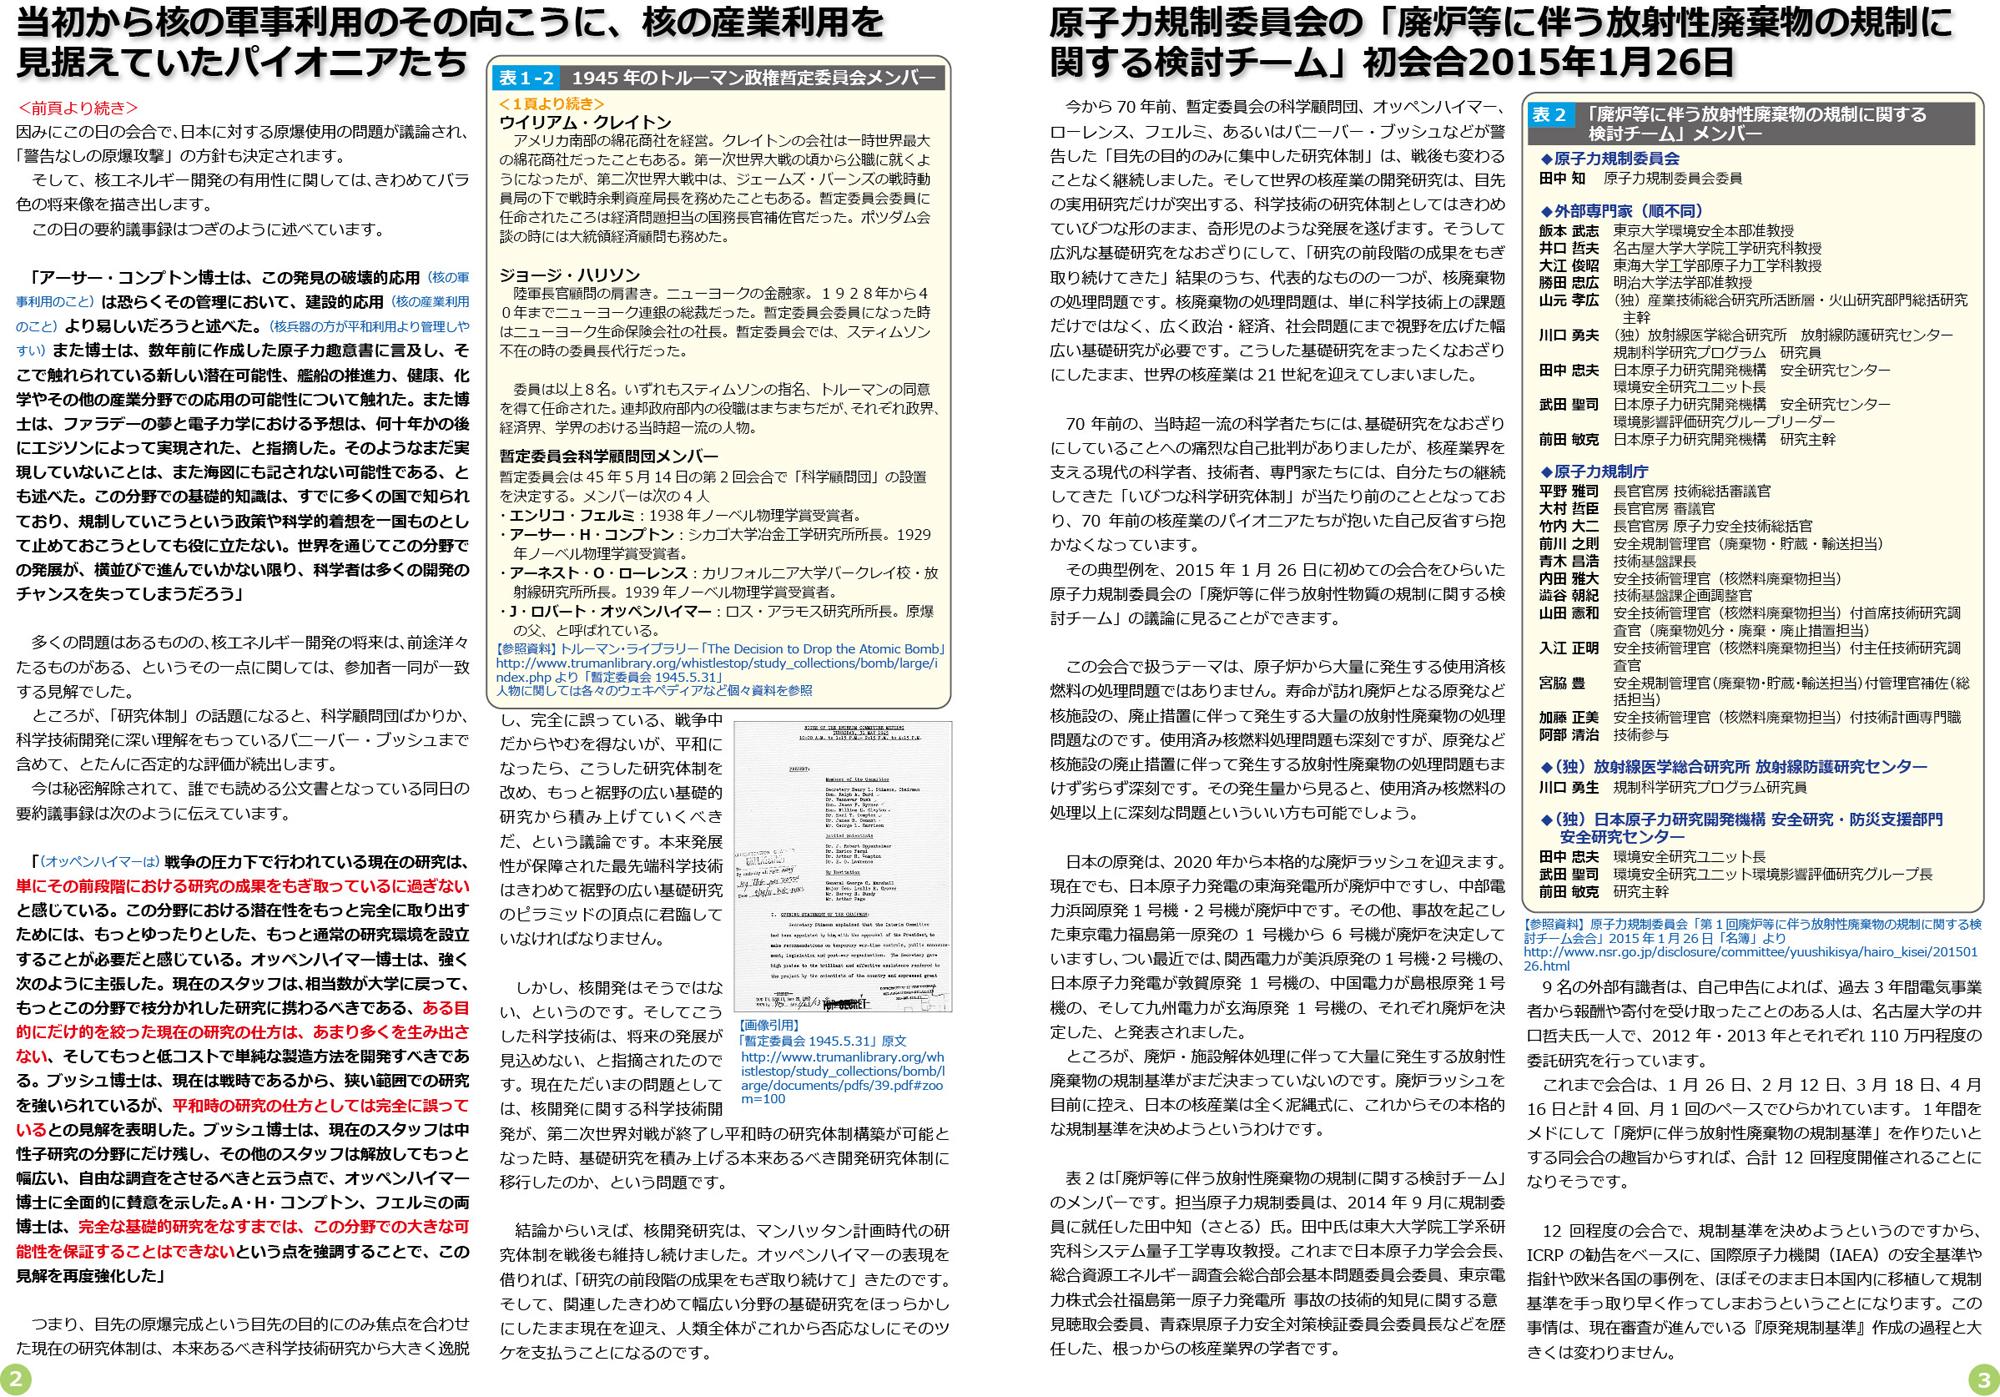 ファイル 423-2.jpg